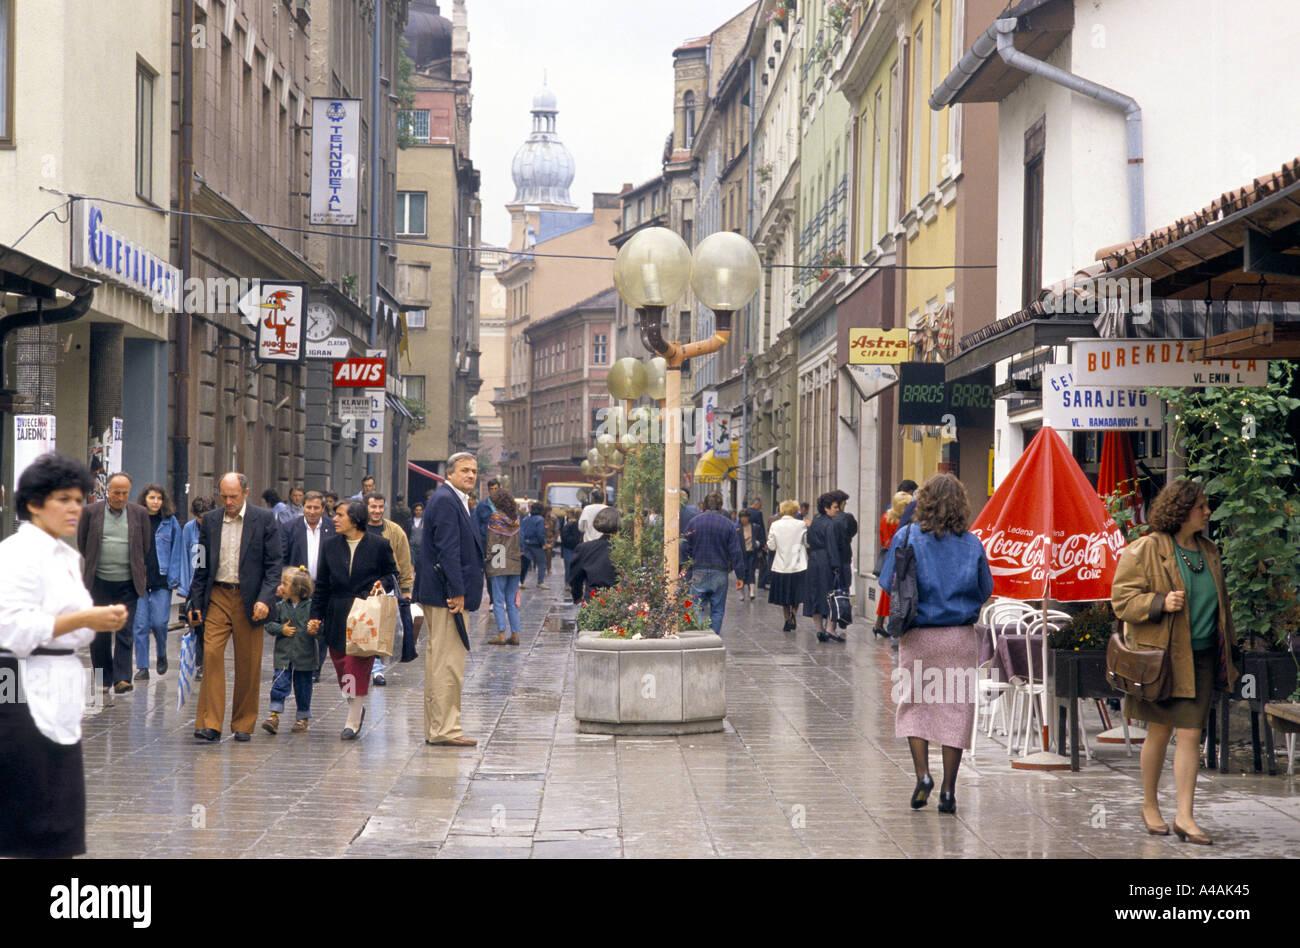 Scena di strada c xix secolo quarto Iugoslavia 1990 Immagini Stock